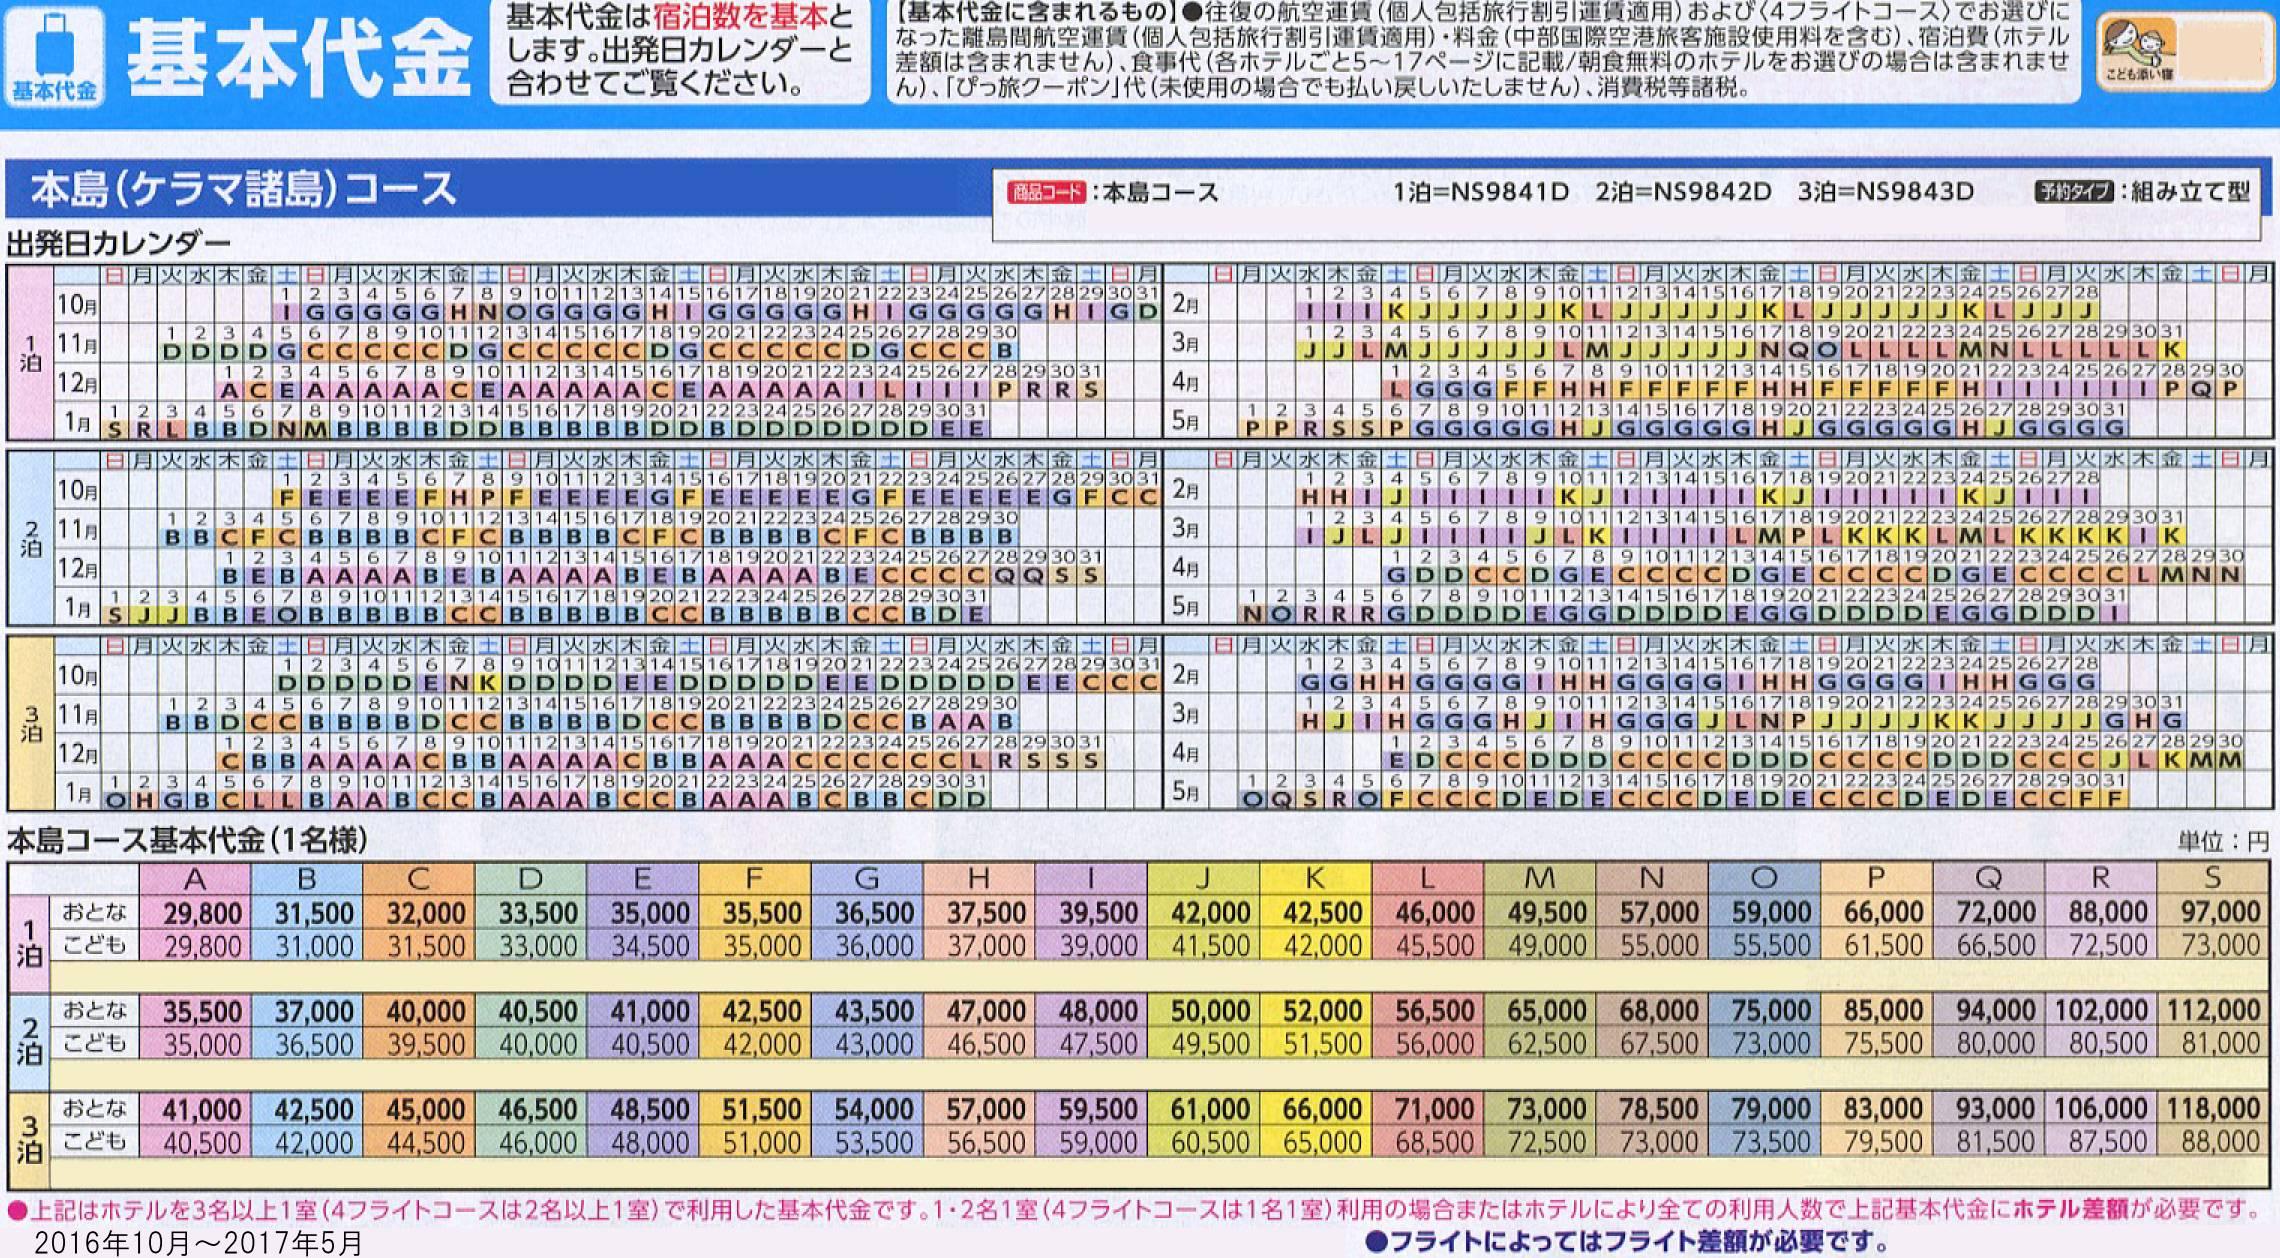 料金表pittabi-ngo16_10-05-ryoukin